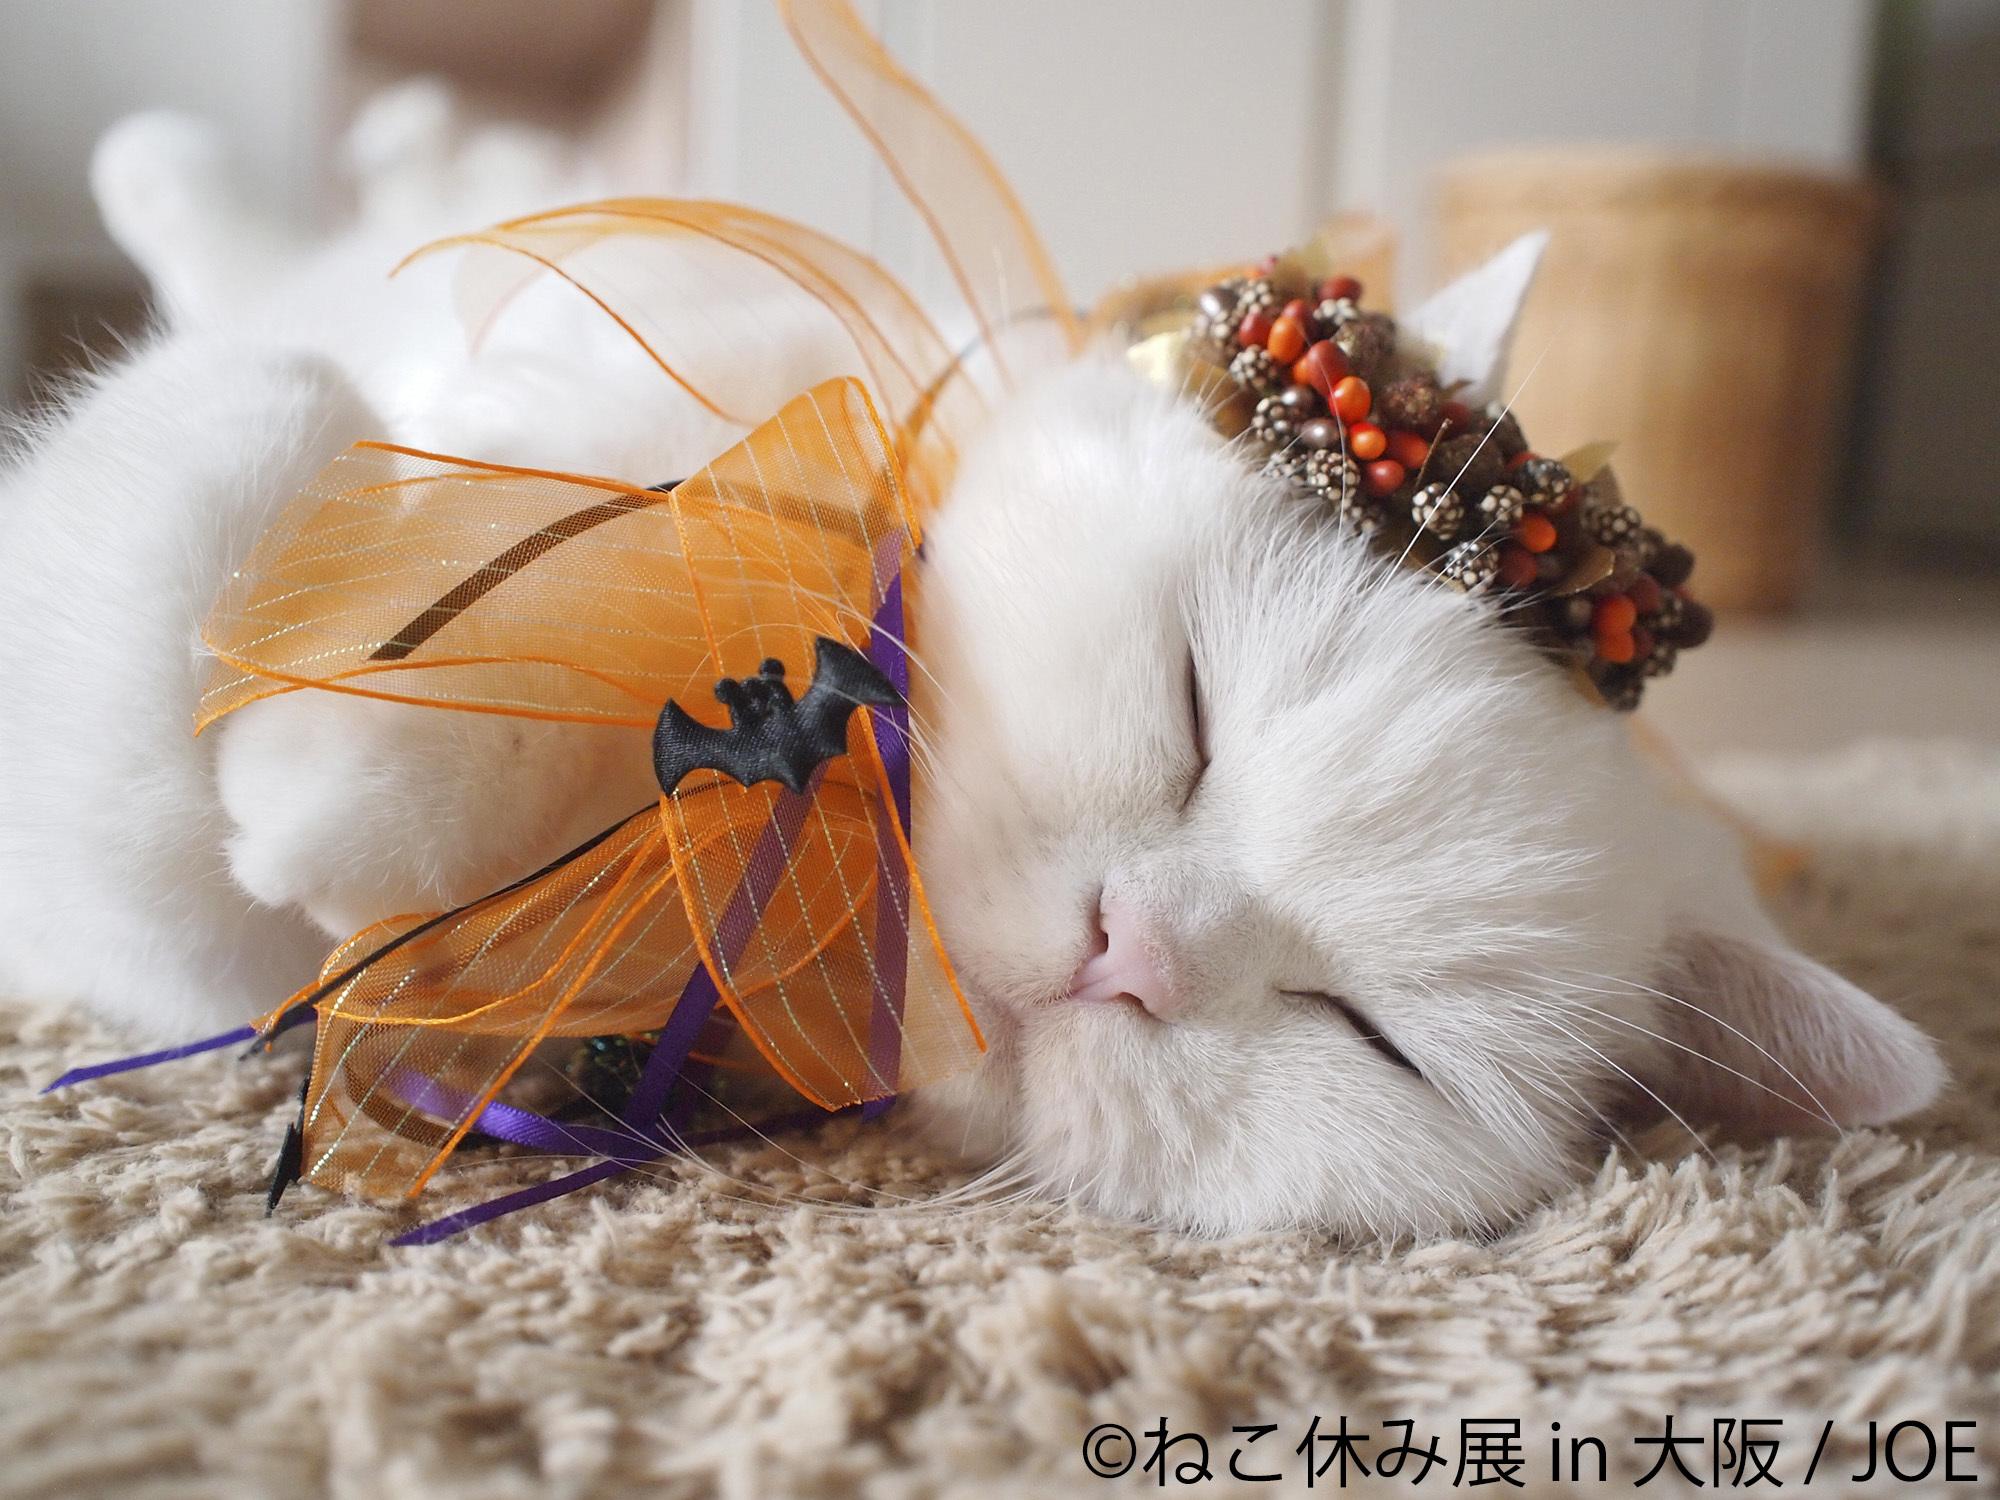 ハロウィン猫も新登場!「ねこ休み展」が大阪で開催 ガンバ大阪とのコラボも